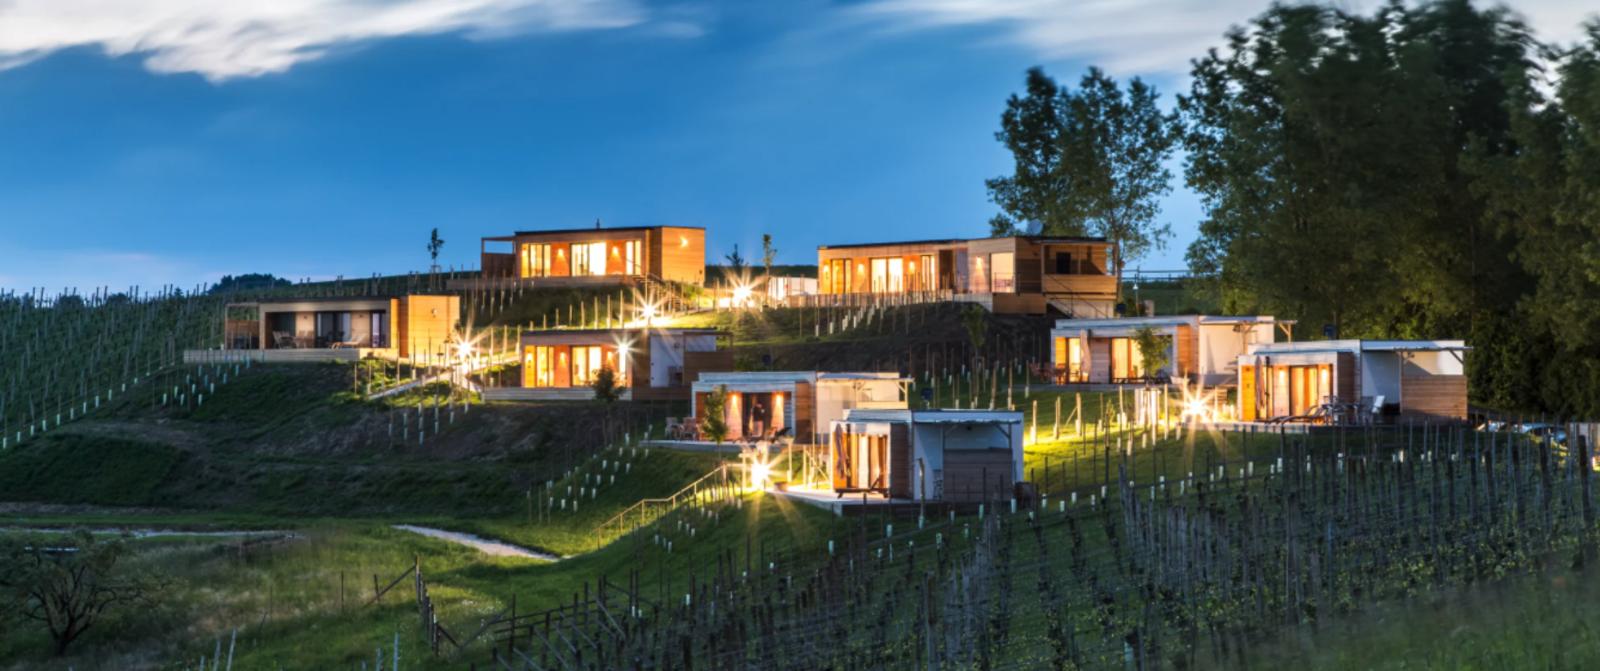 Austria, Styria, Weingarten-Resort Unterlamm